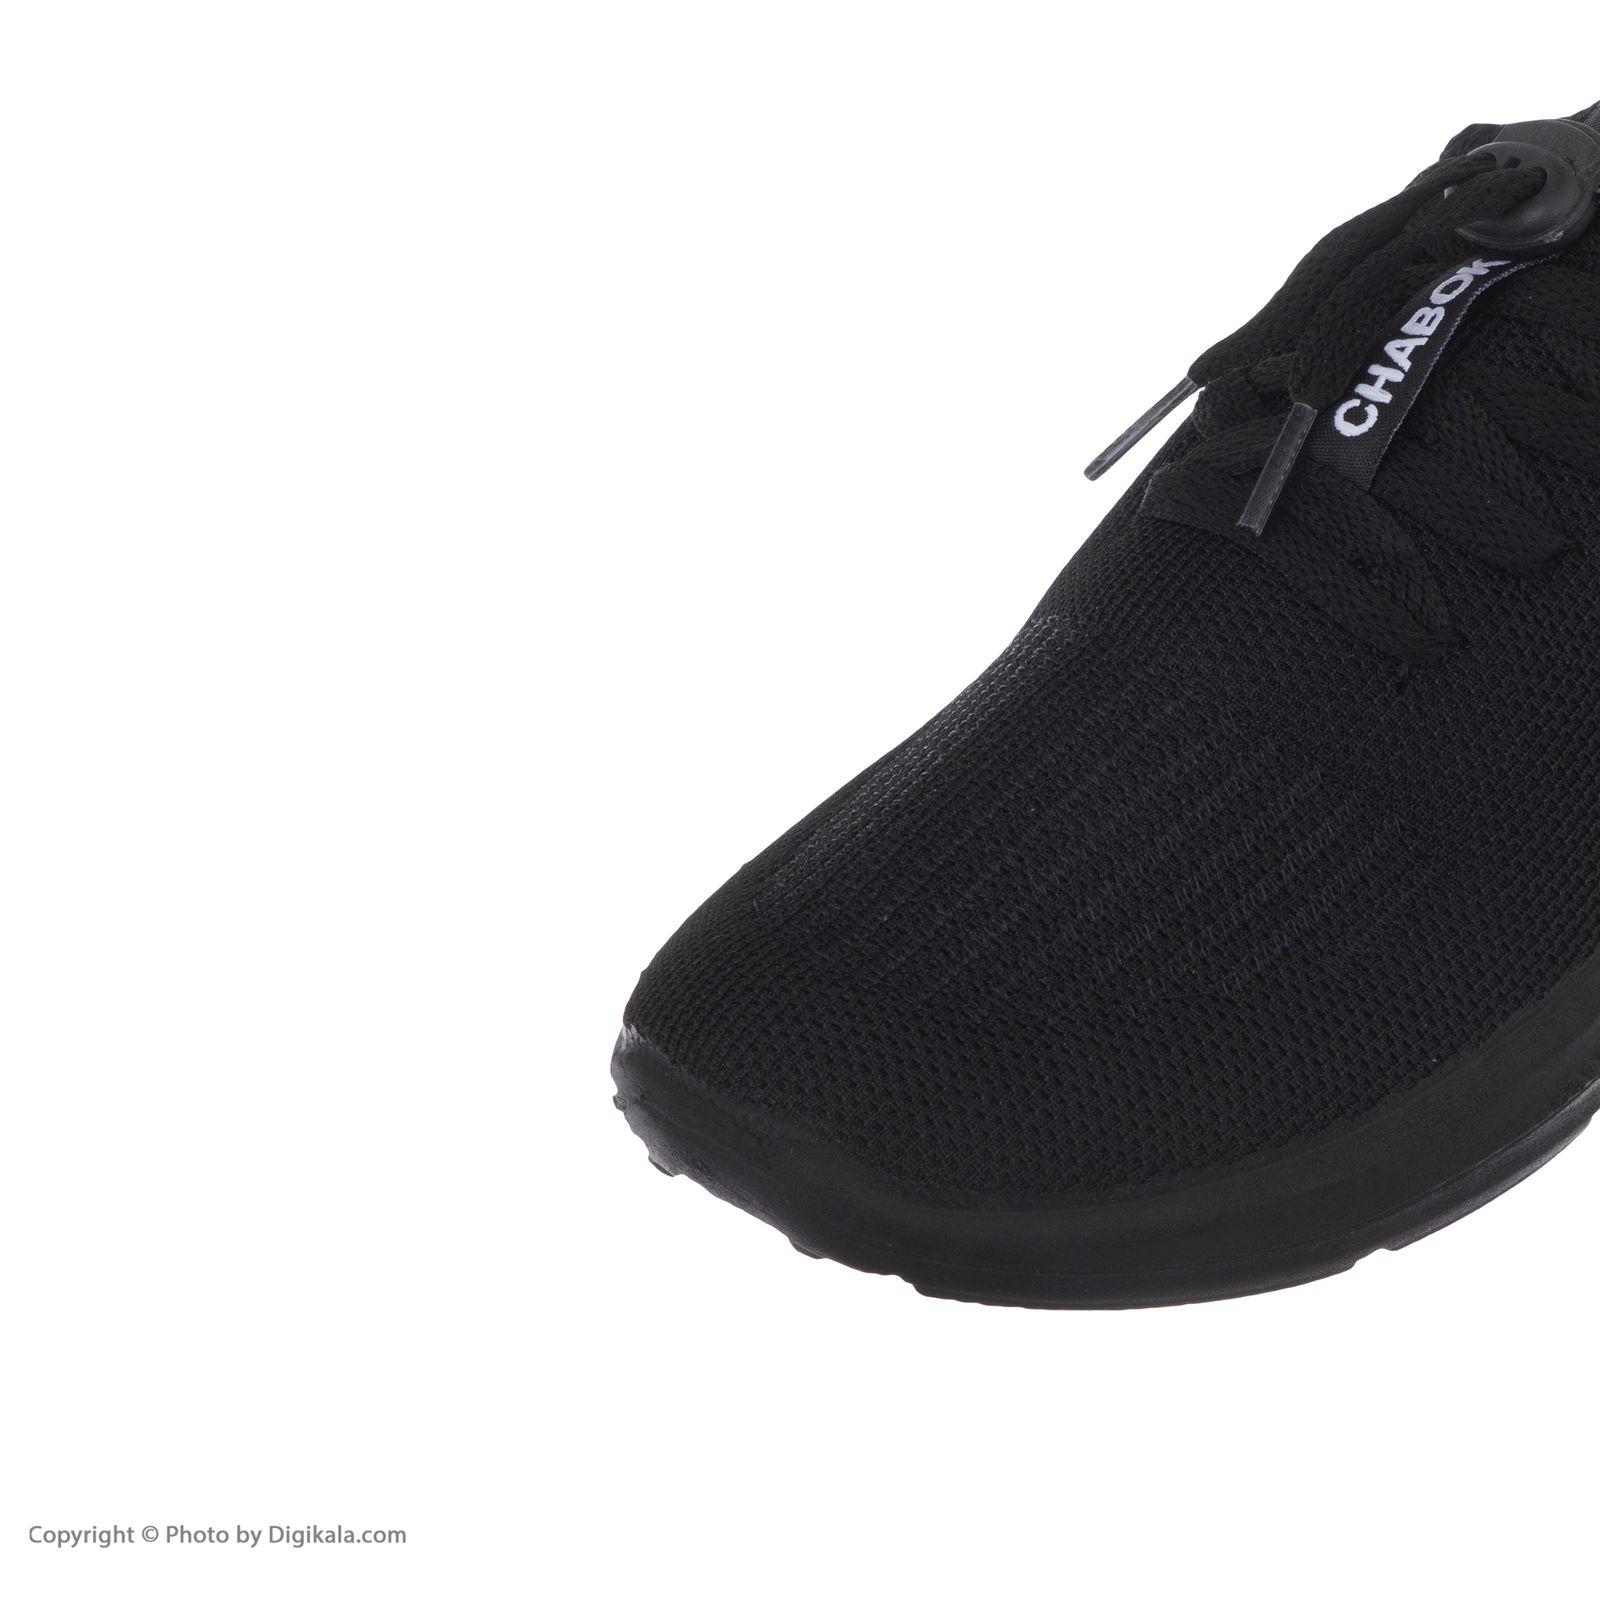 کفش راحتی چابک مدل آرشام رنگ مشکی -  - 8